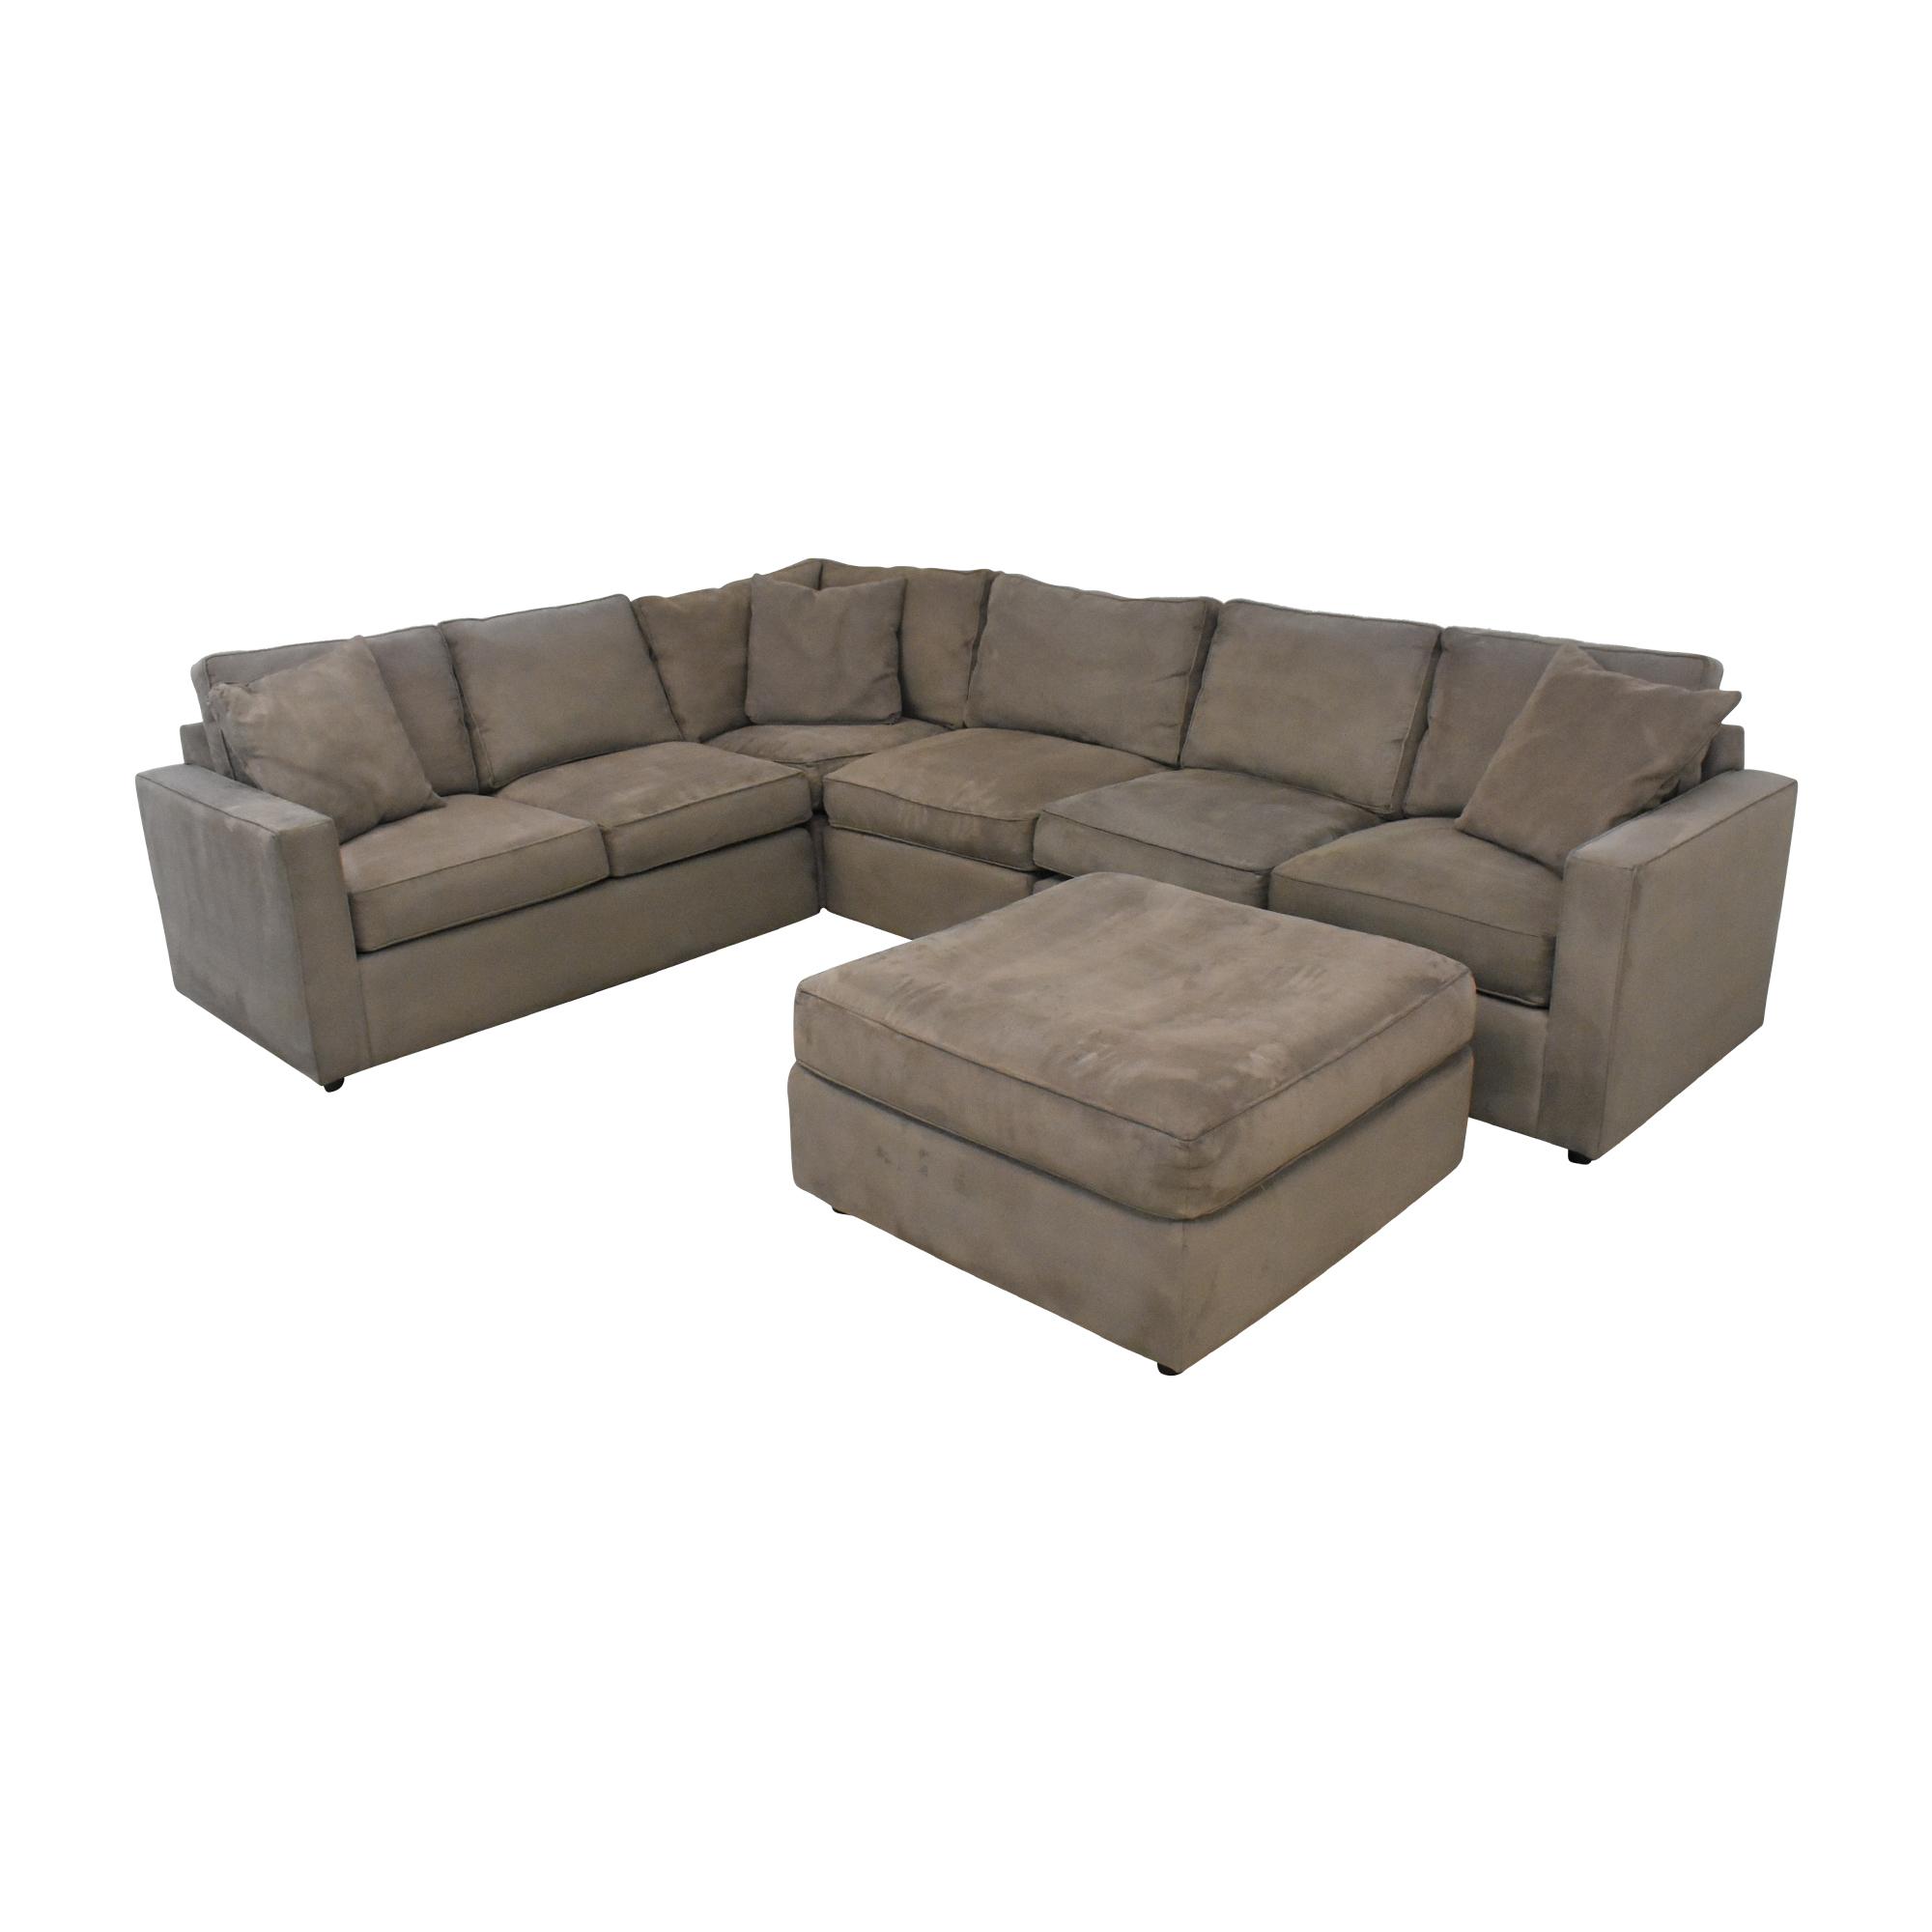 61% Off – Room & Board Room & Board York Sectional Sofa Within Room And Board Sectional Sofas (View 15 of 15)